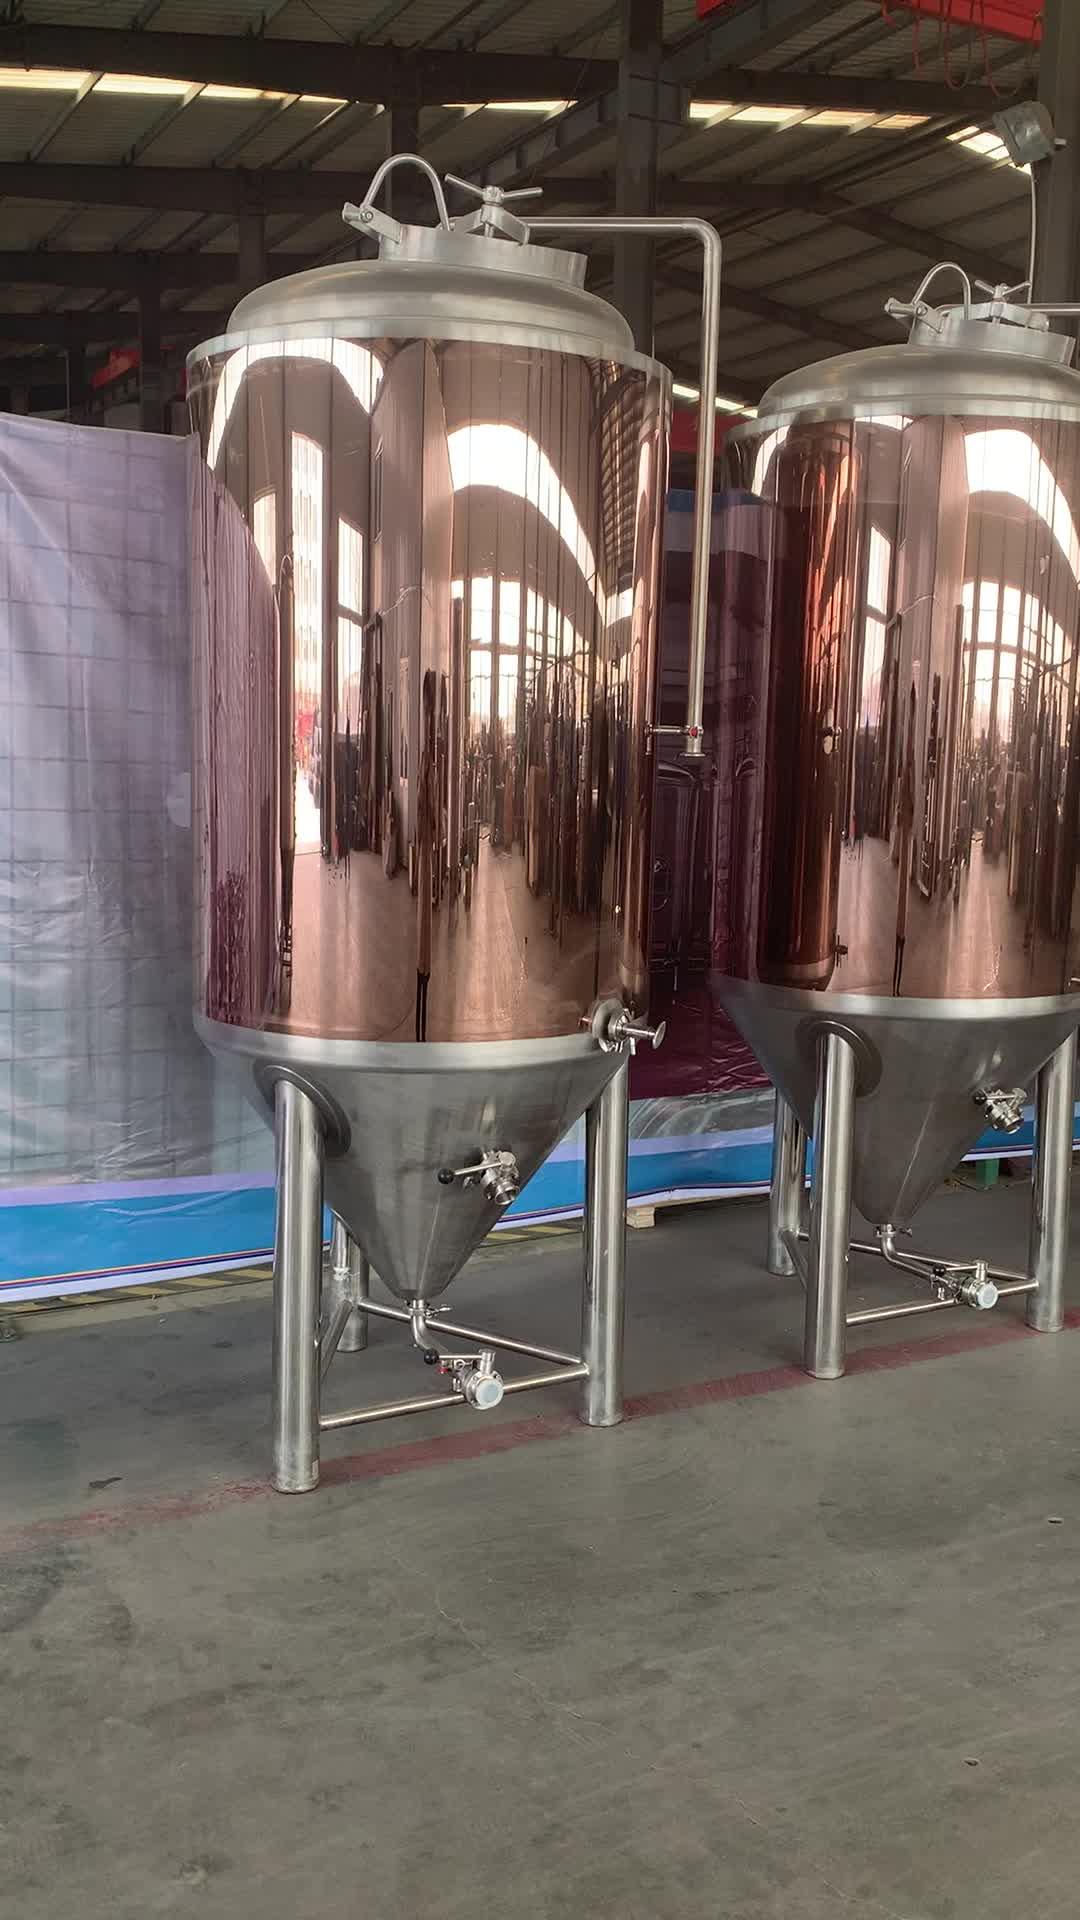 7bbl/10bbl/15bbl/20bbl बियर किण्वक, शंक्वाकार बियर किण्वन टैंक, जैकेट fermentor